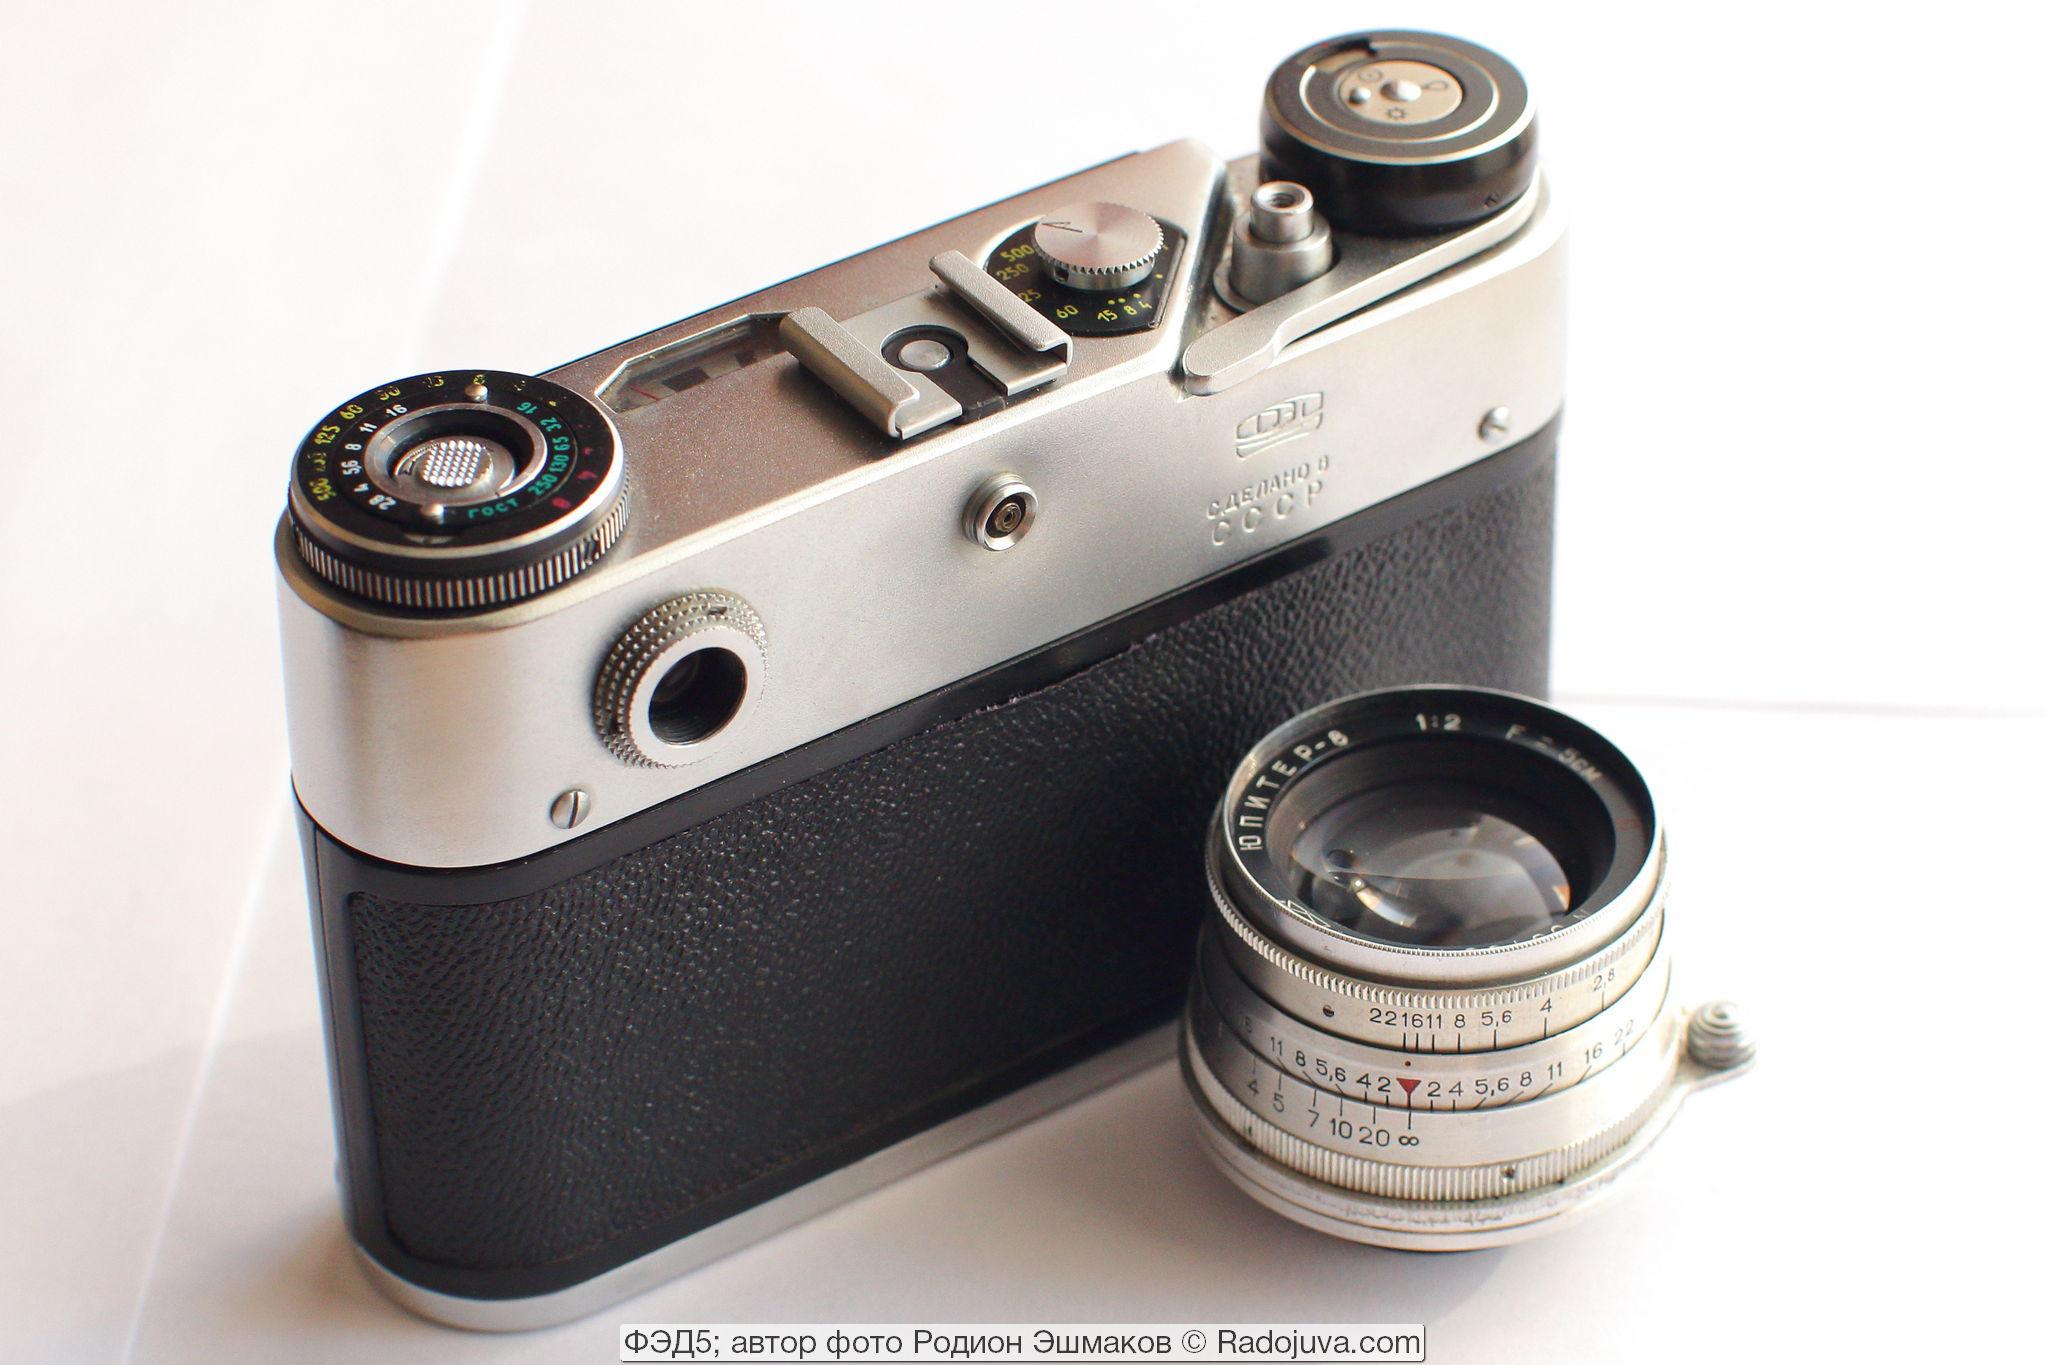 Вид камеры ФЭД-5 сзади